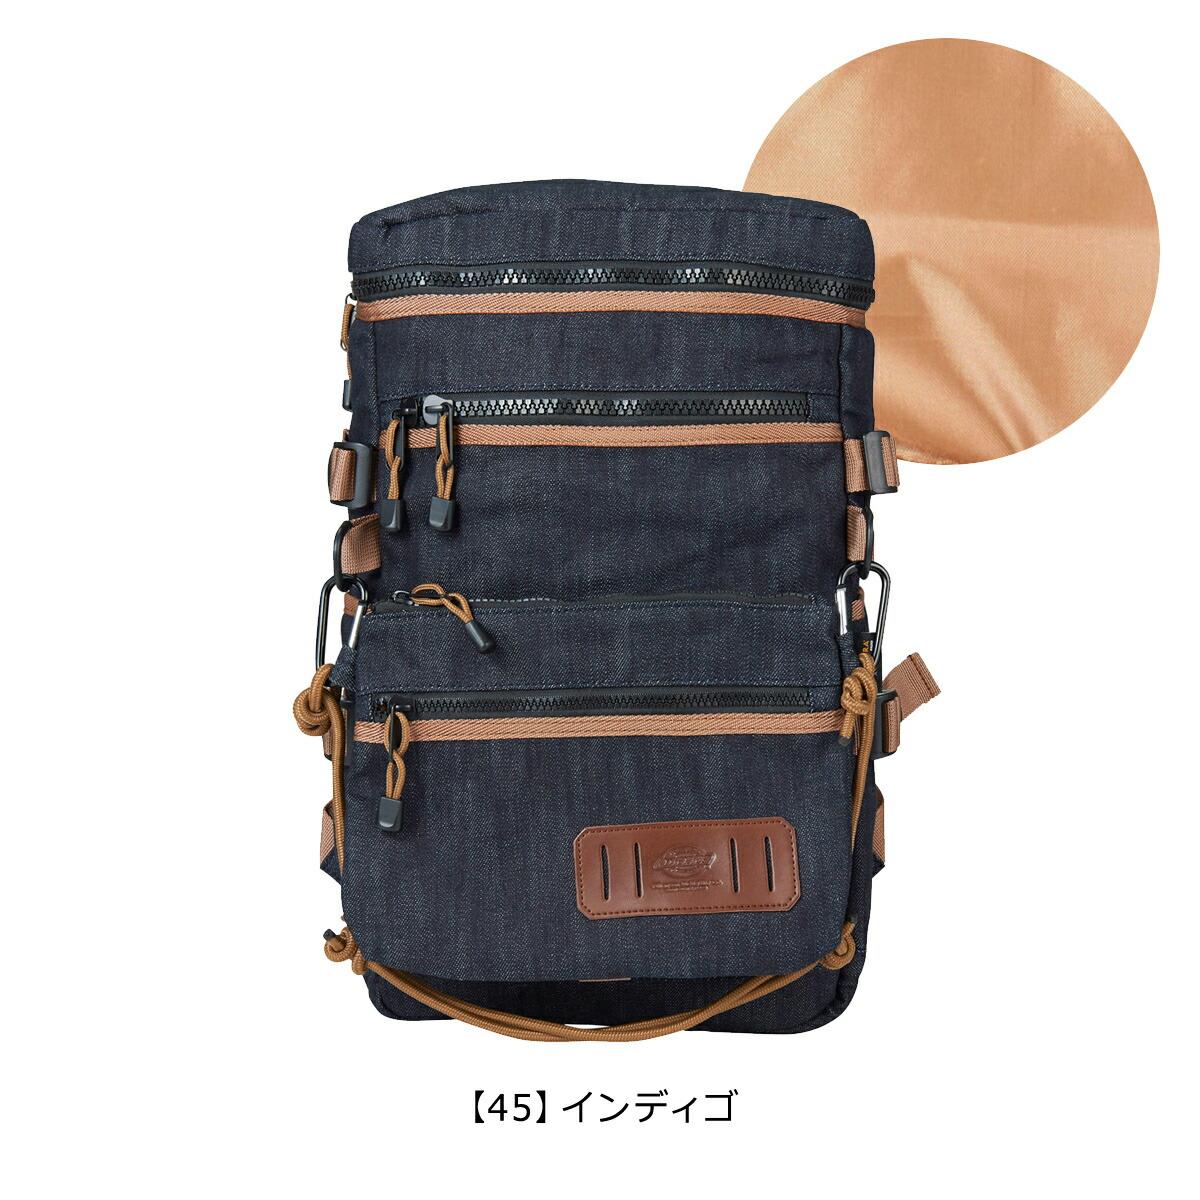 【45】インディゴ